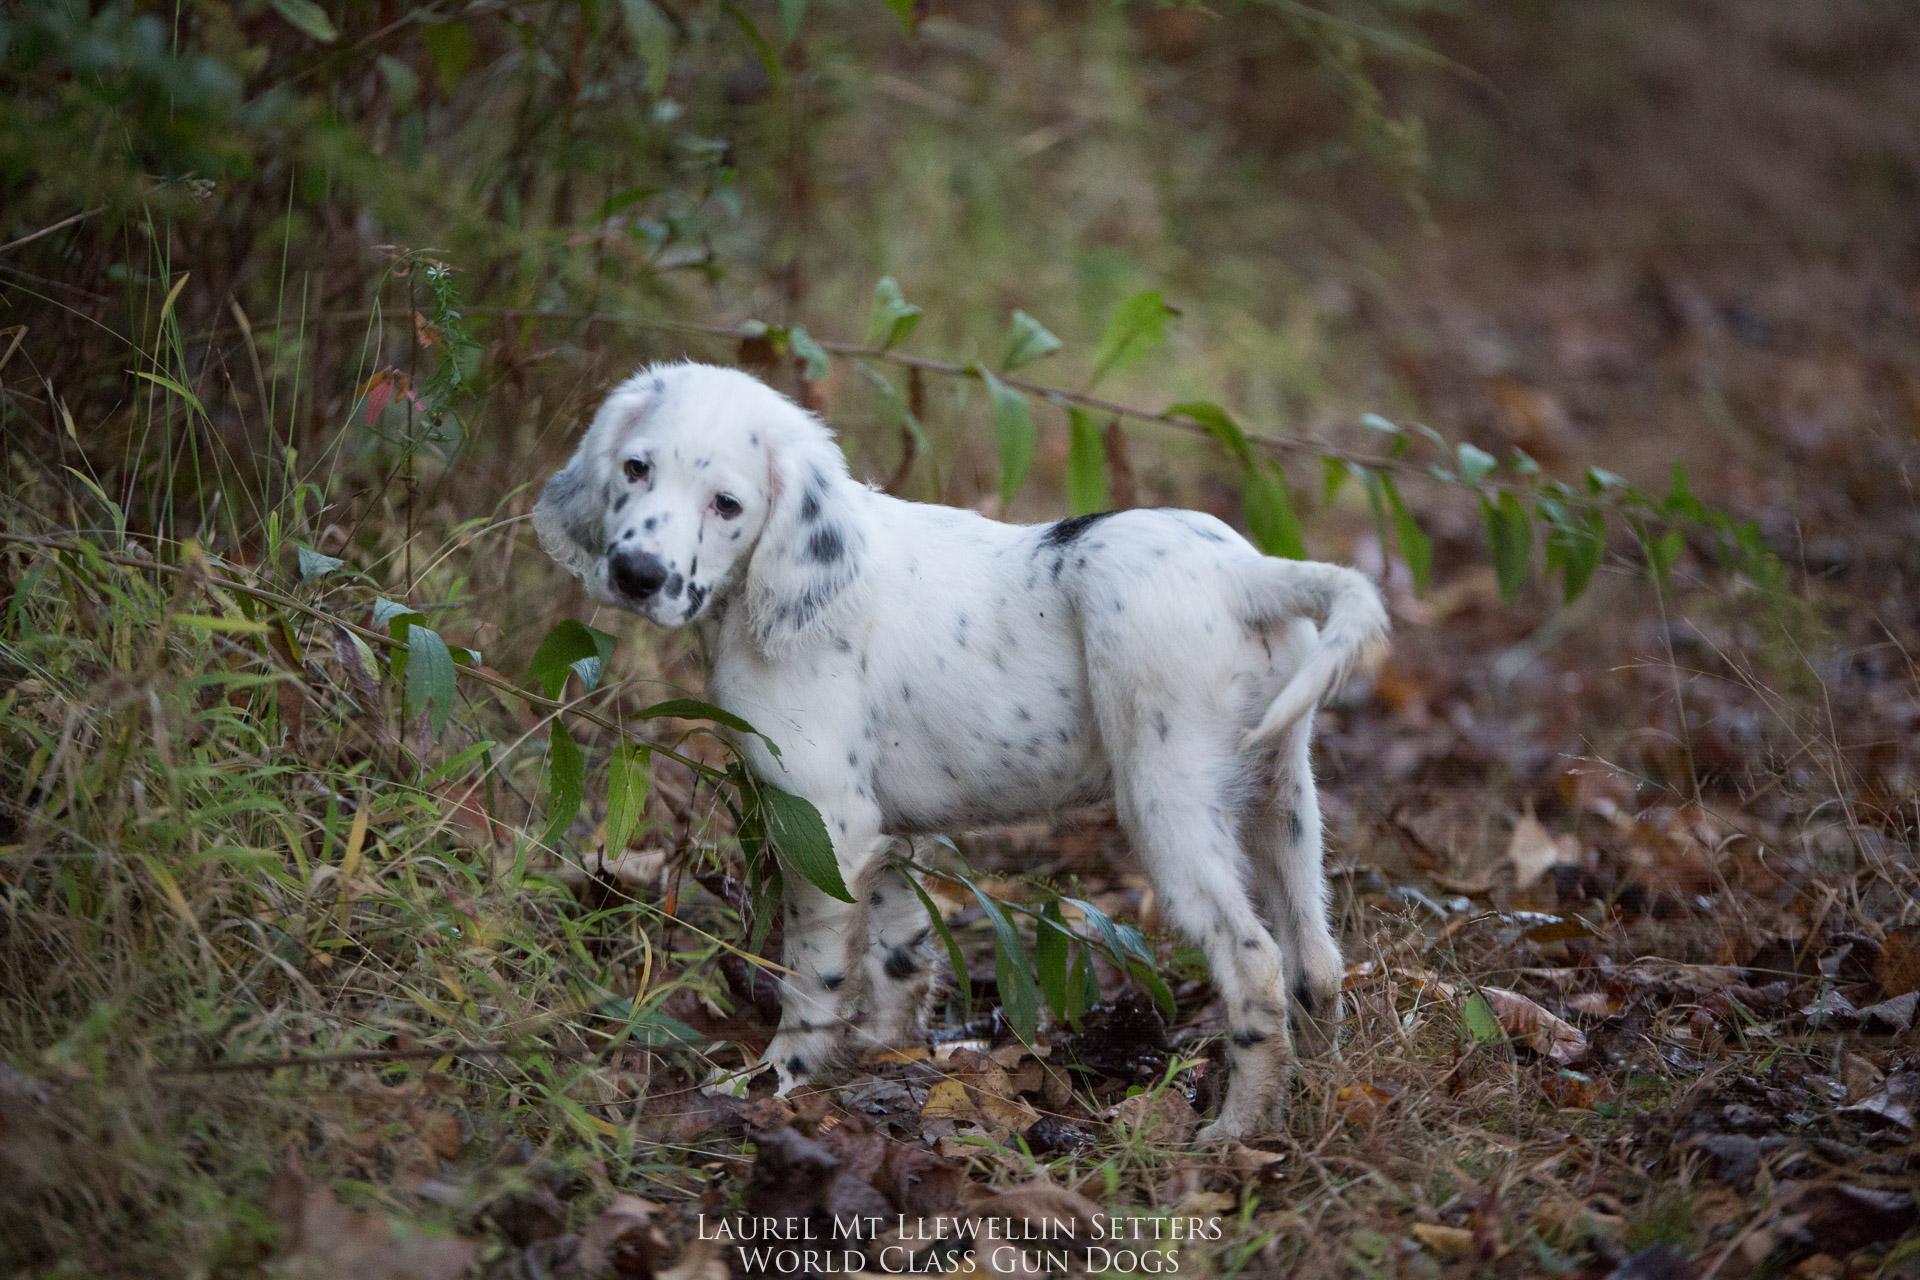 Laurel Mt Llewellin Setter Puppy, Neo